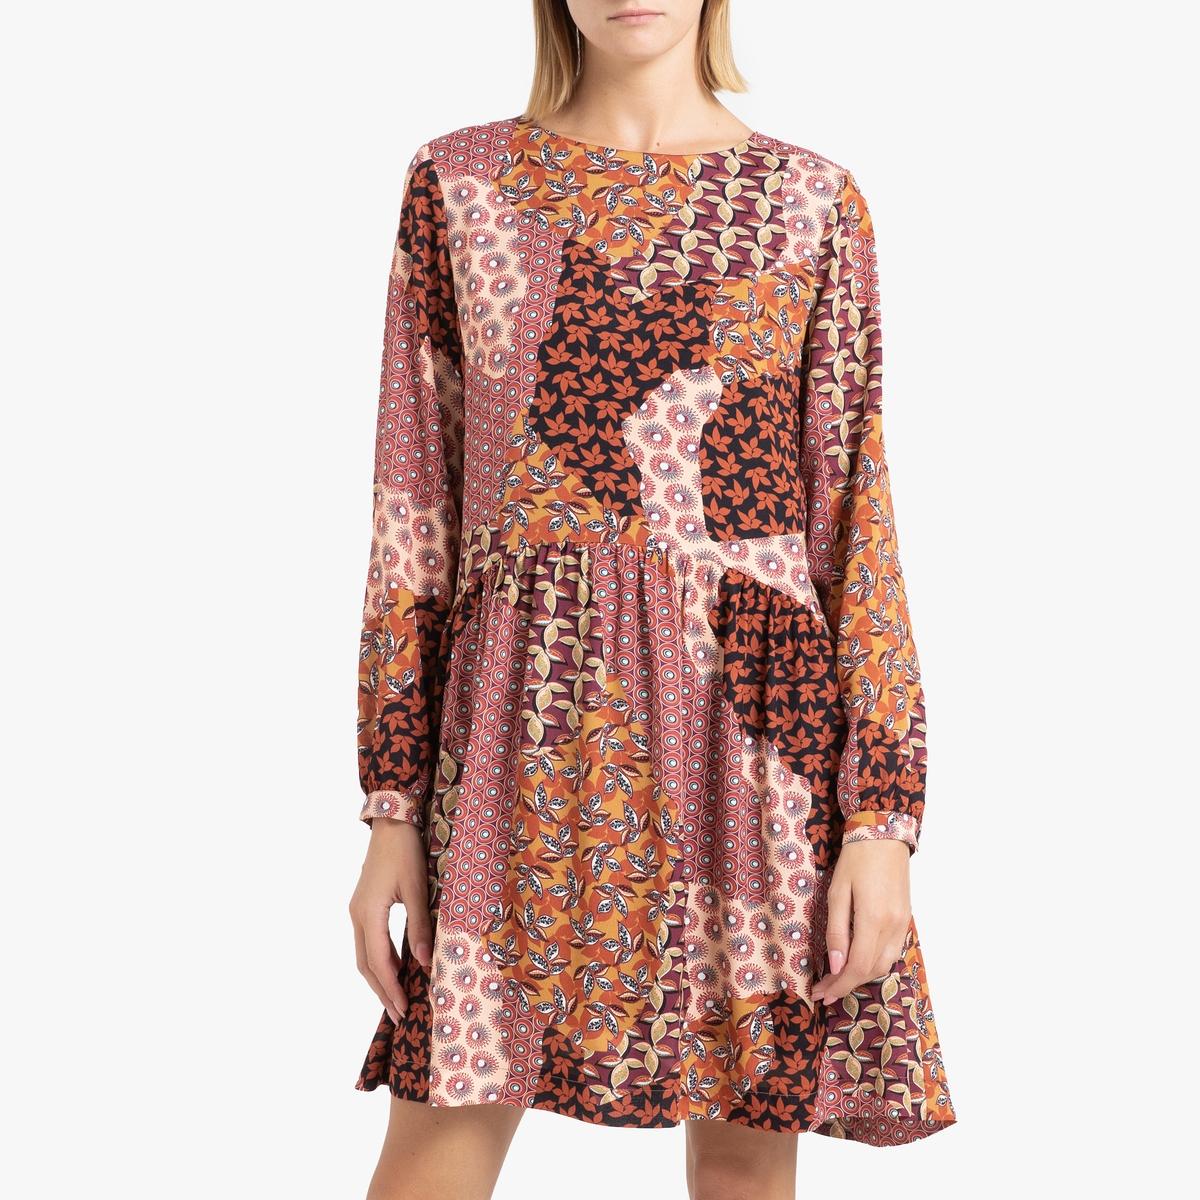 цена Платье La Redoute С принтом расклешенное с длинными рукавами ELEONORE 36 (FR) - 42 (RUS) каштановый онлайн в 2017 году